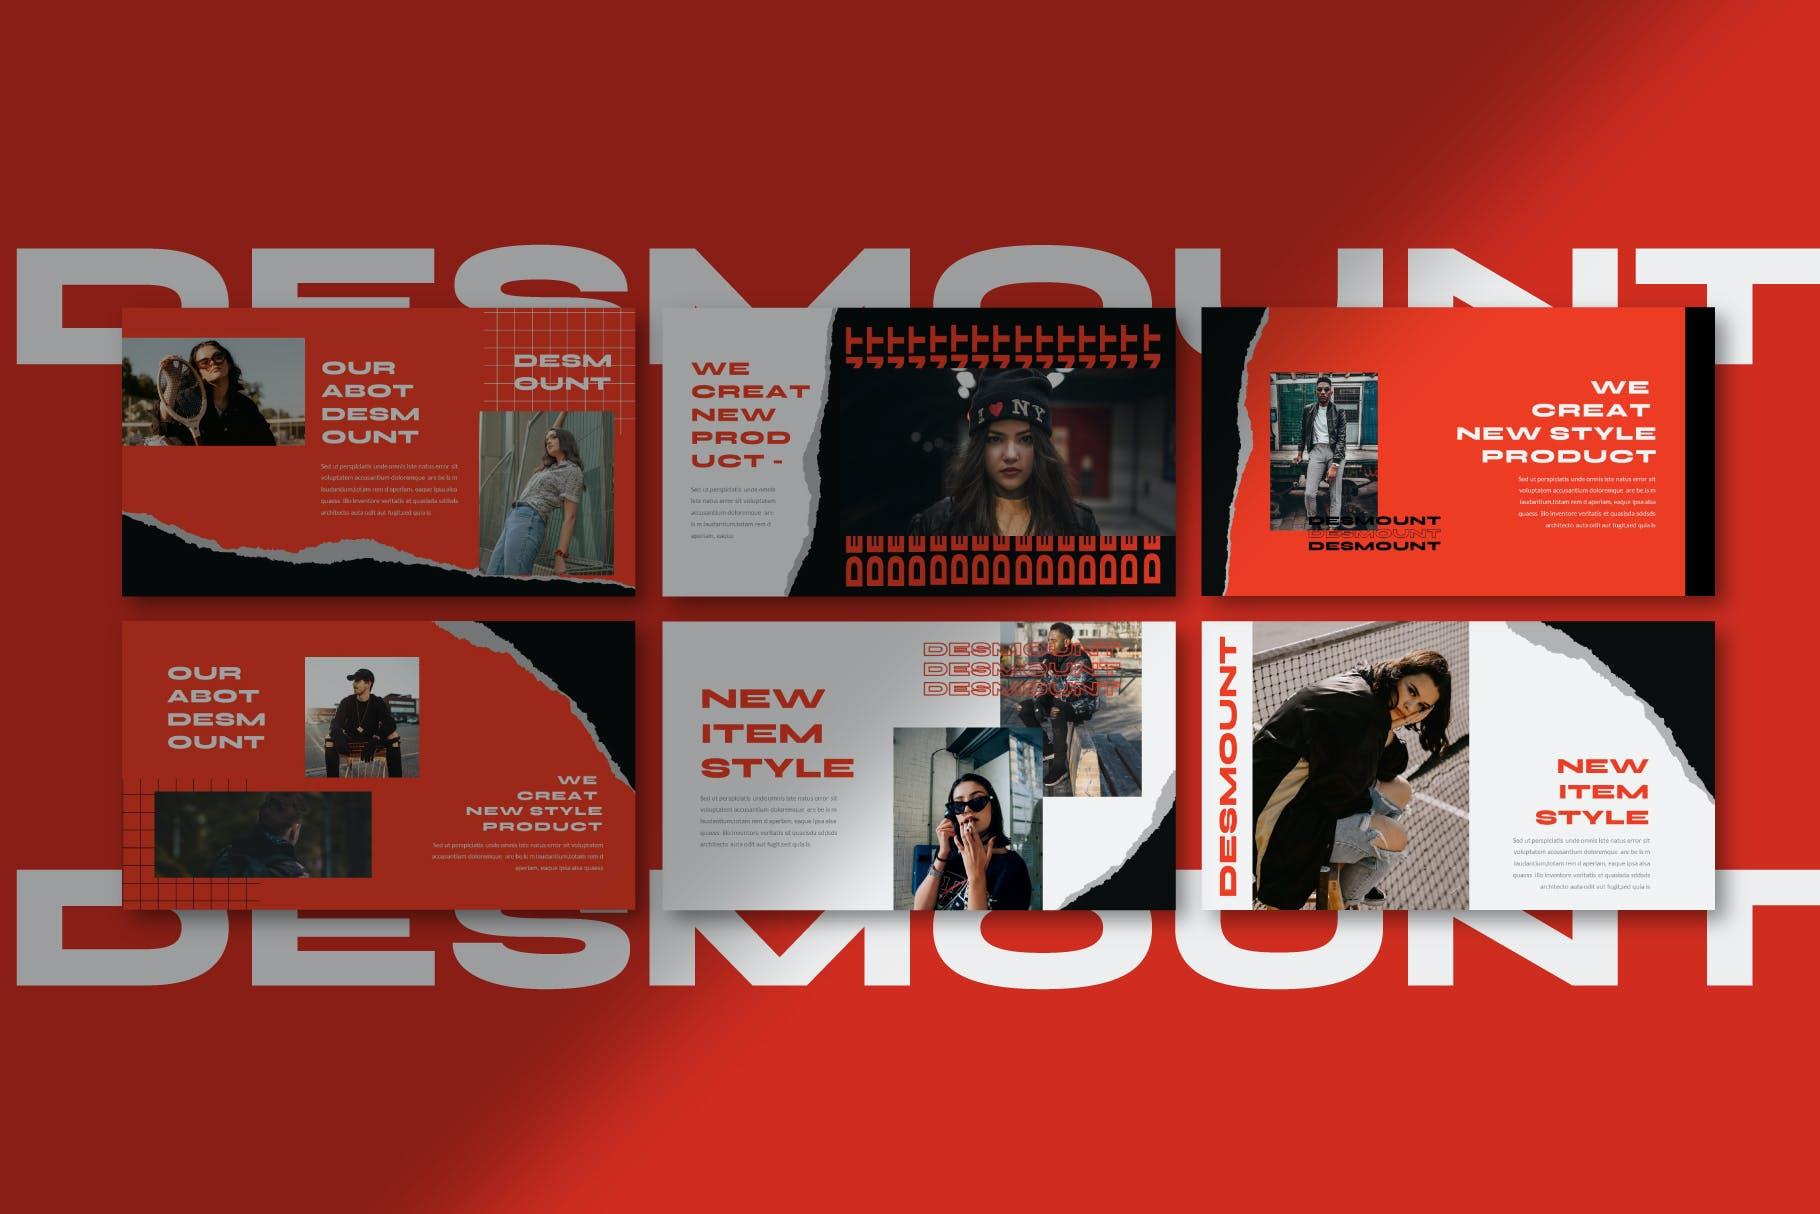 时尚潮流撕纸潮牌品牌推广深色PPT演示文稿模板素材 Desmount – Powerpoint Template插图(8)